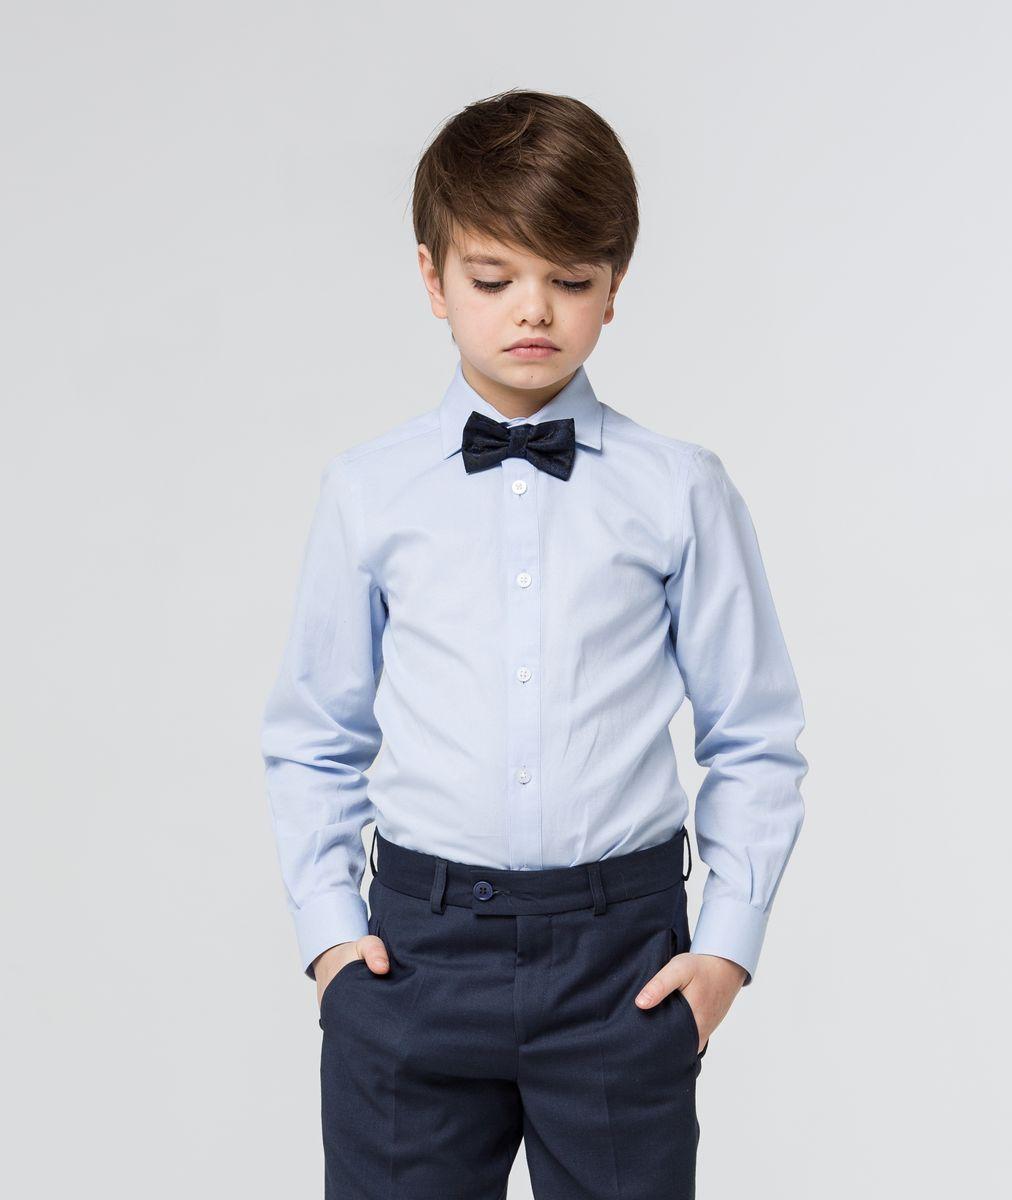 РубашкаSSFSB-629-13831-331Стильная рубашка Silver Spoon станет отличным дополнением к школьному гардеробу вашего мальчика. Модель, выполненная из хлопка с добавлением полиэстера, необычайно мягкая и приятная на ощупь, не сковывает движения и позволяет коже дышать. Рубашка классического кроя с длинными рукавами и отложным воротником застегивается на пуговицы по всей длине. На манжетах предусмотрены застежки-пуговицы.